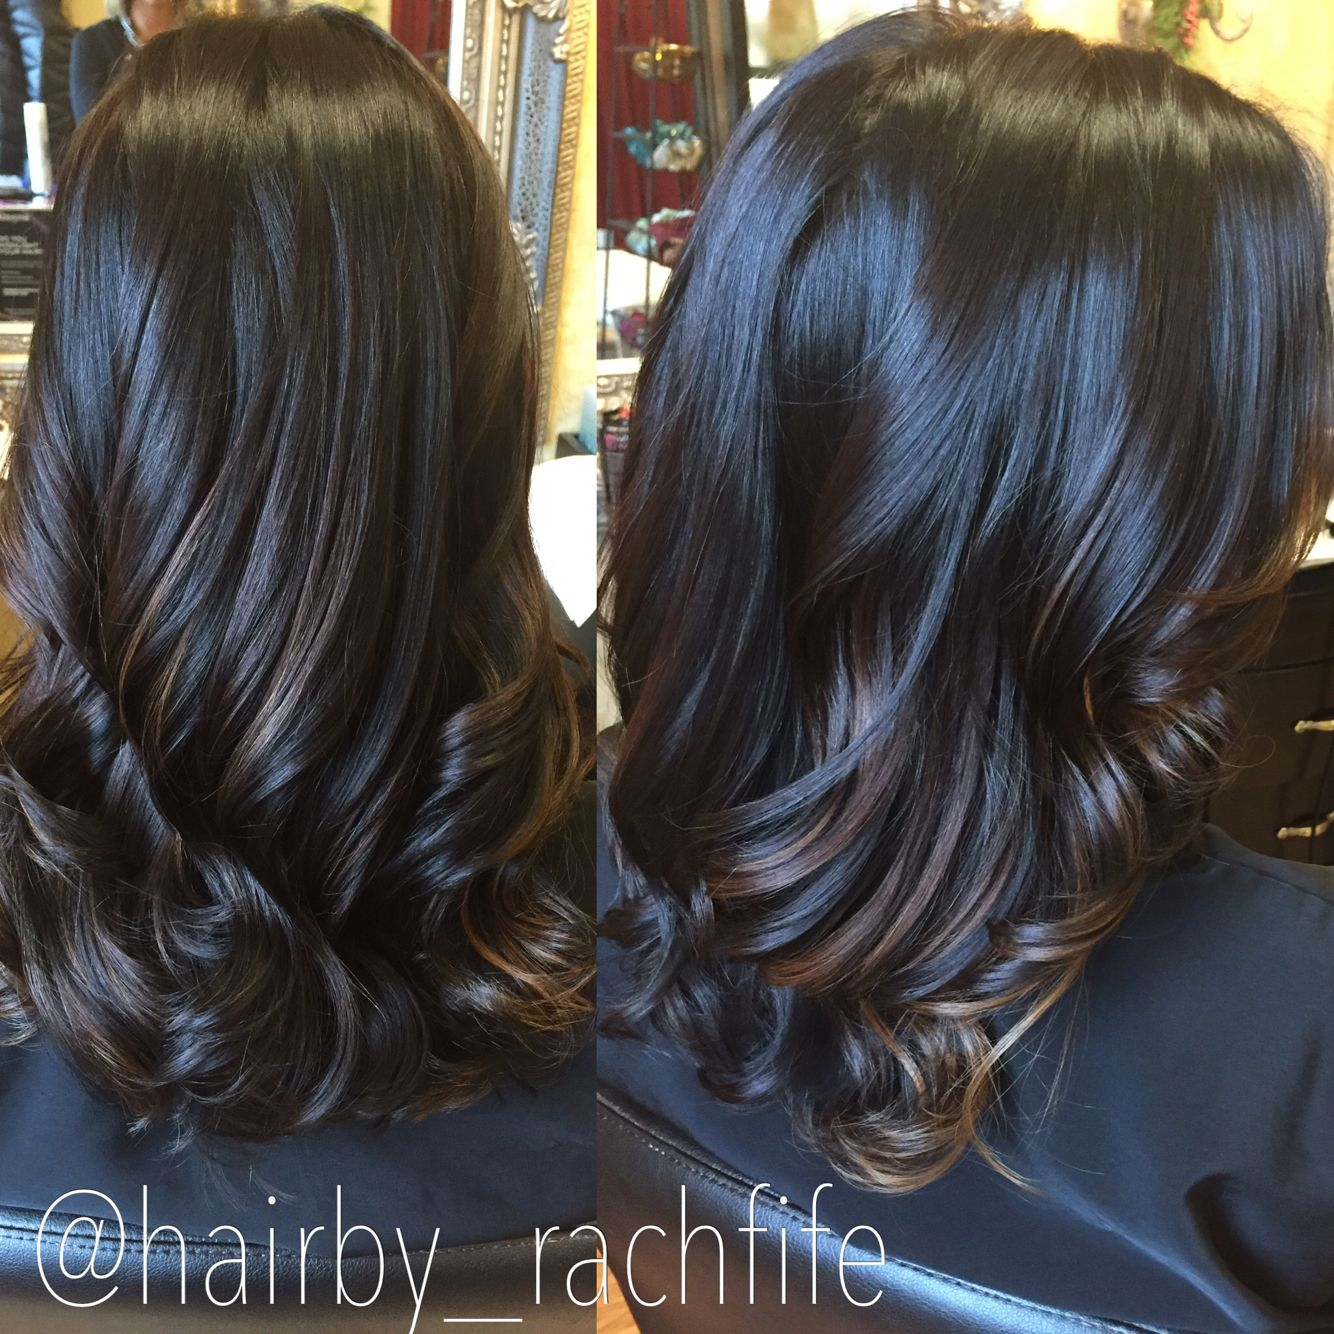 Dark Chocolate Brown With Subtle Caramel Balayage Highlights Hair By Rachel Fife Sf Salon Hair Styles Balayage Hair Hair Highlights